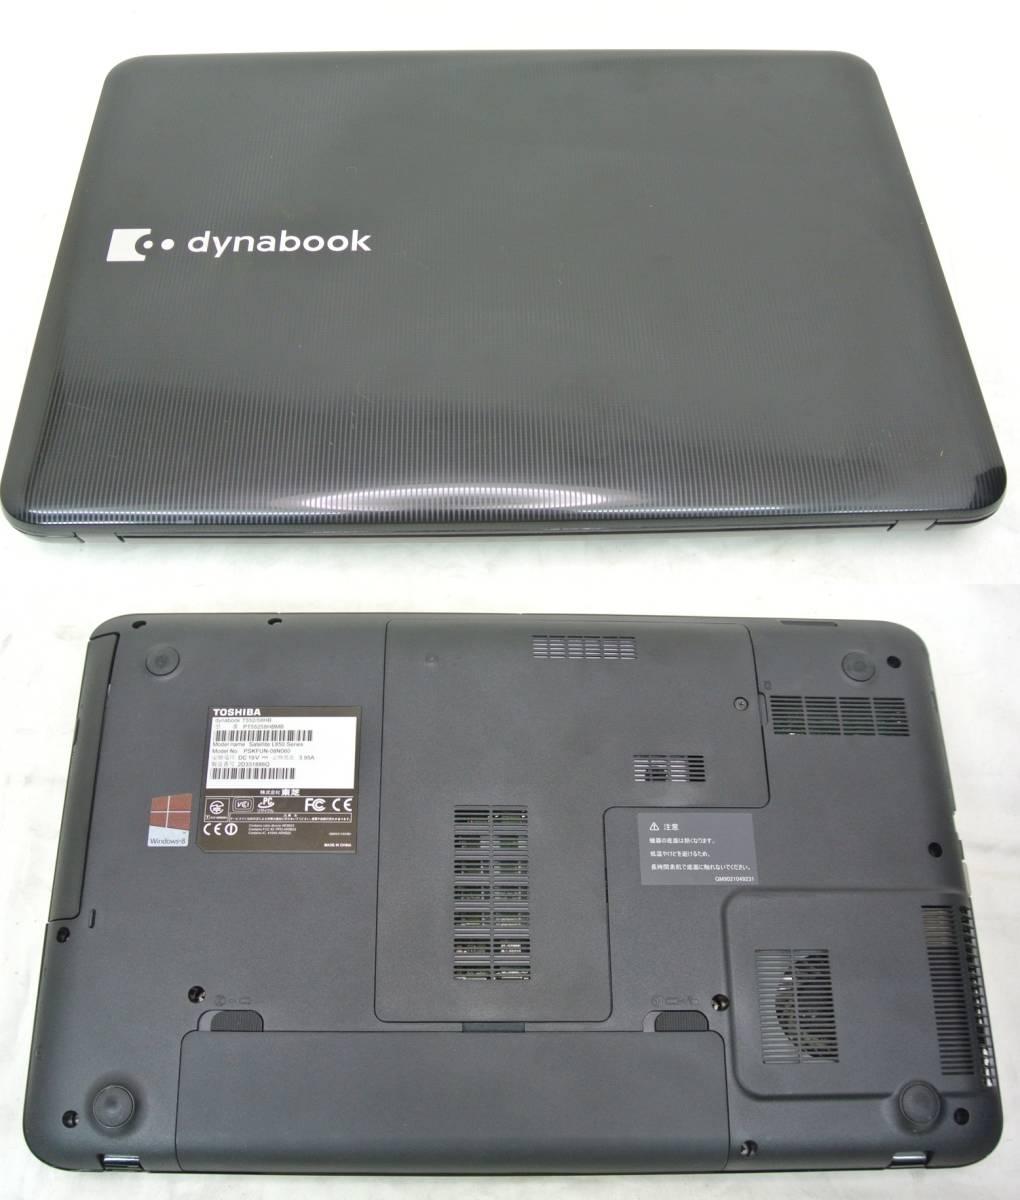 爆速SSD500G仕様 TOSHIBA T552/58HB 黒/i7-3630QM/8G/新SSD500G/ブルーレイRE/無線・USB3.0/Win10/office2016/ゲーム・映画・事務作業_画像10